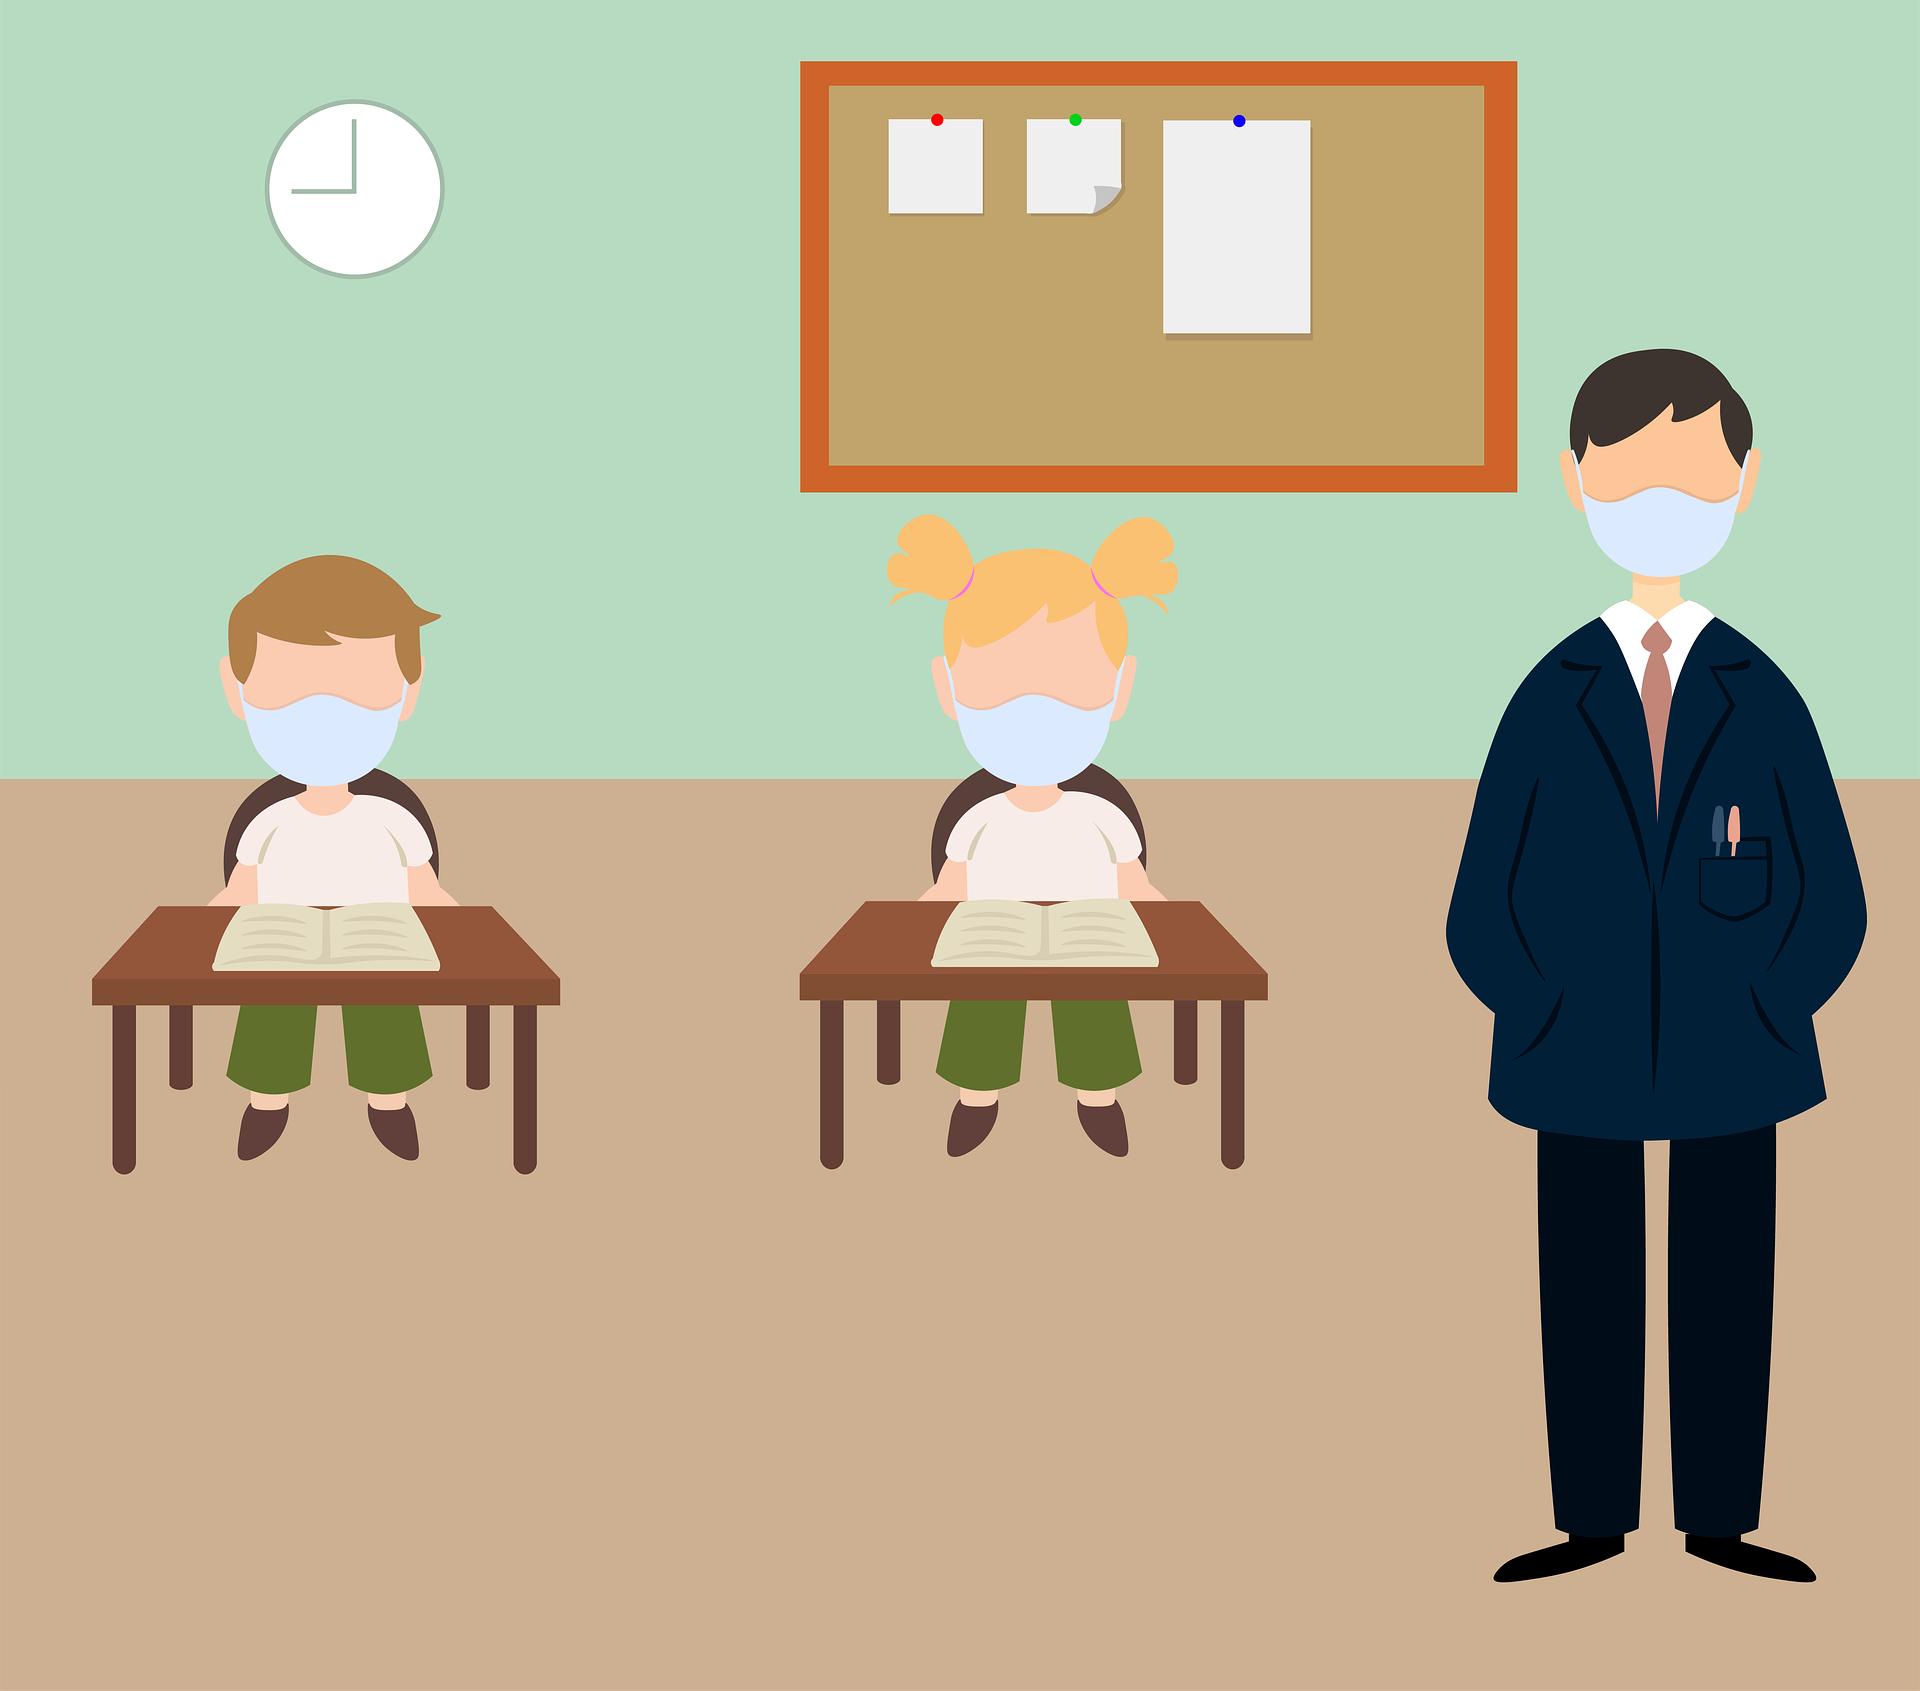 Covid Teacher - man teaching during covid